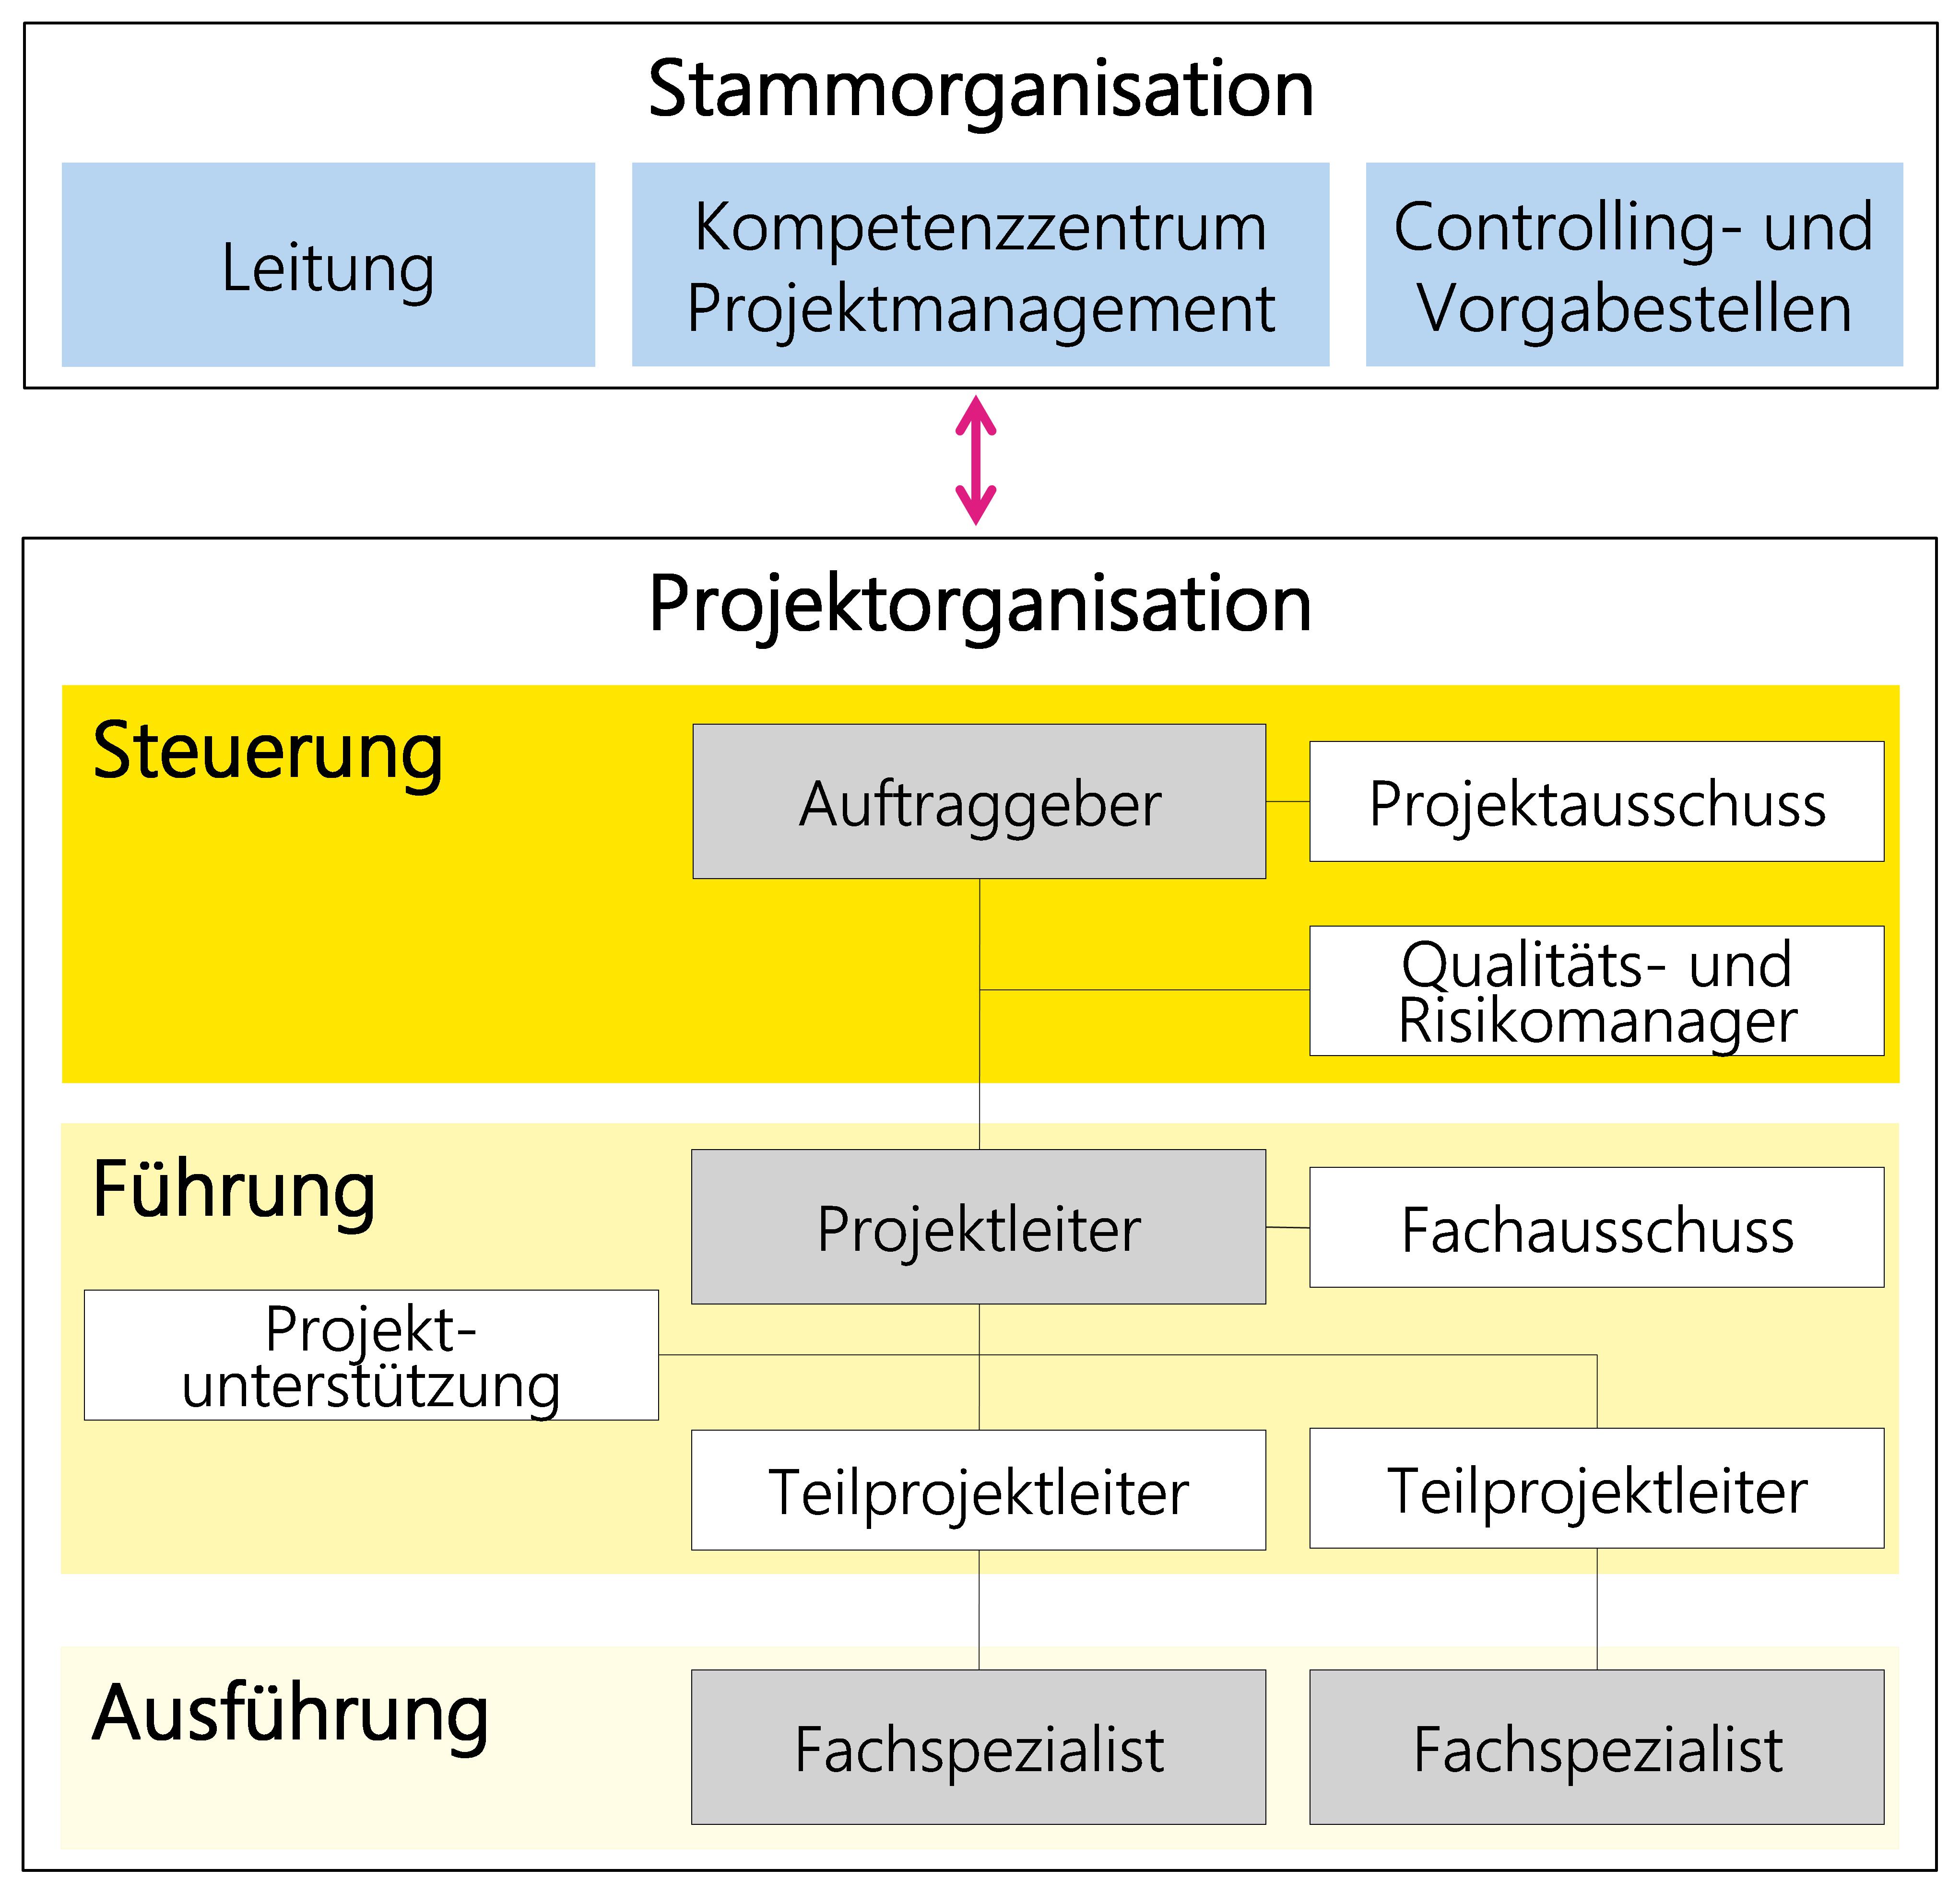 Abbildung 22: Beispiel einer Projektorganisation mit verschiedenen Rollen